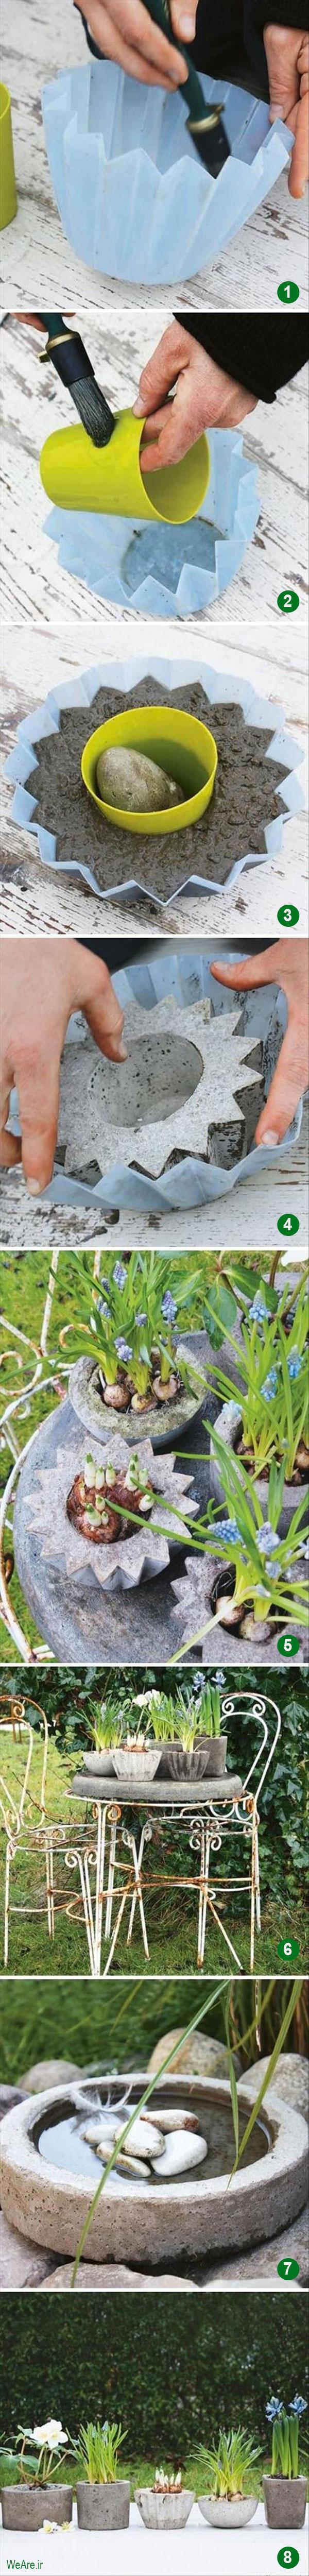 ساخت گلدان خلاقانه و زیبا